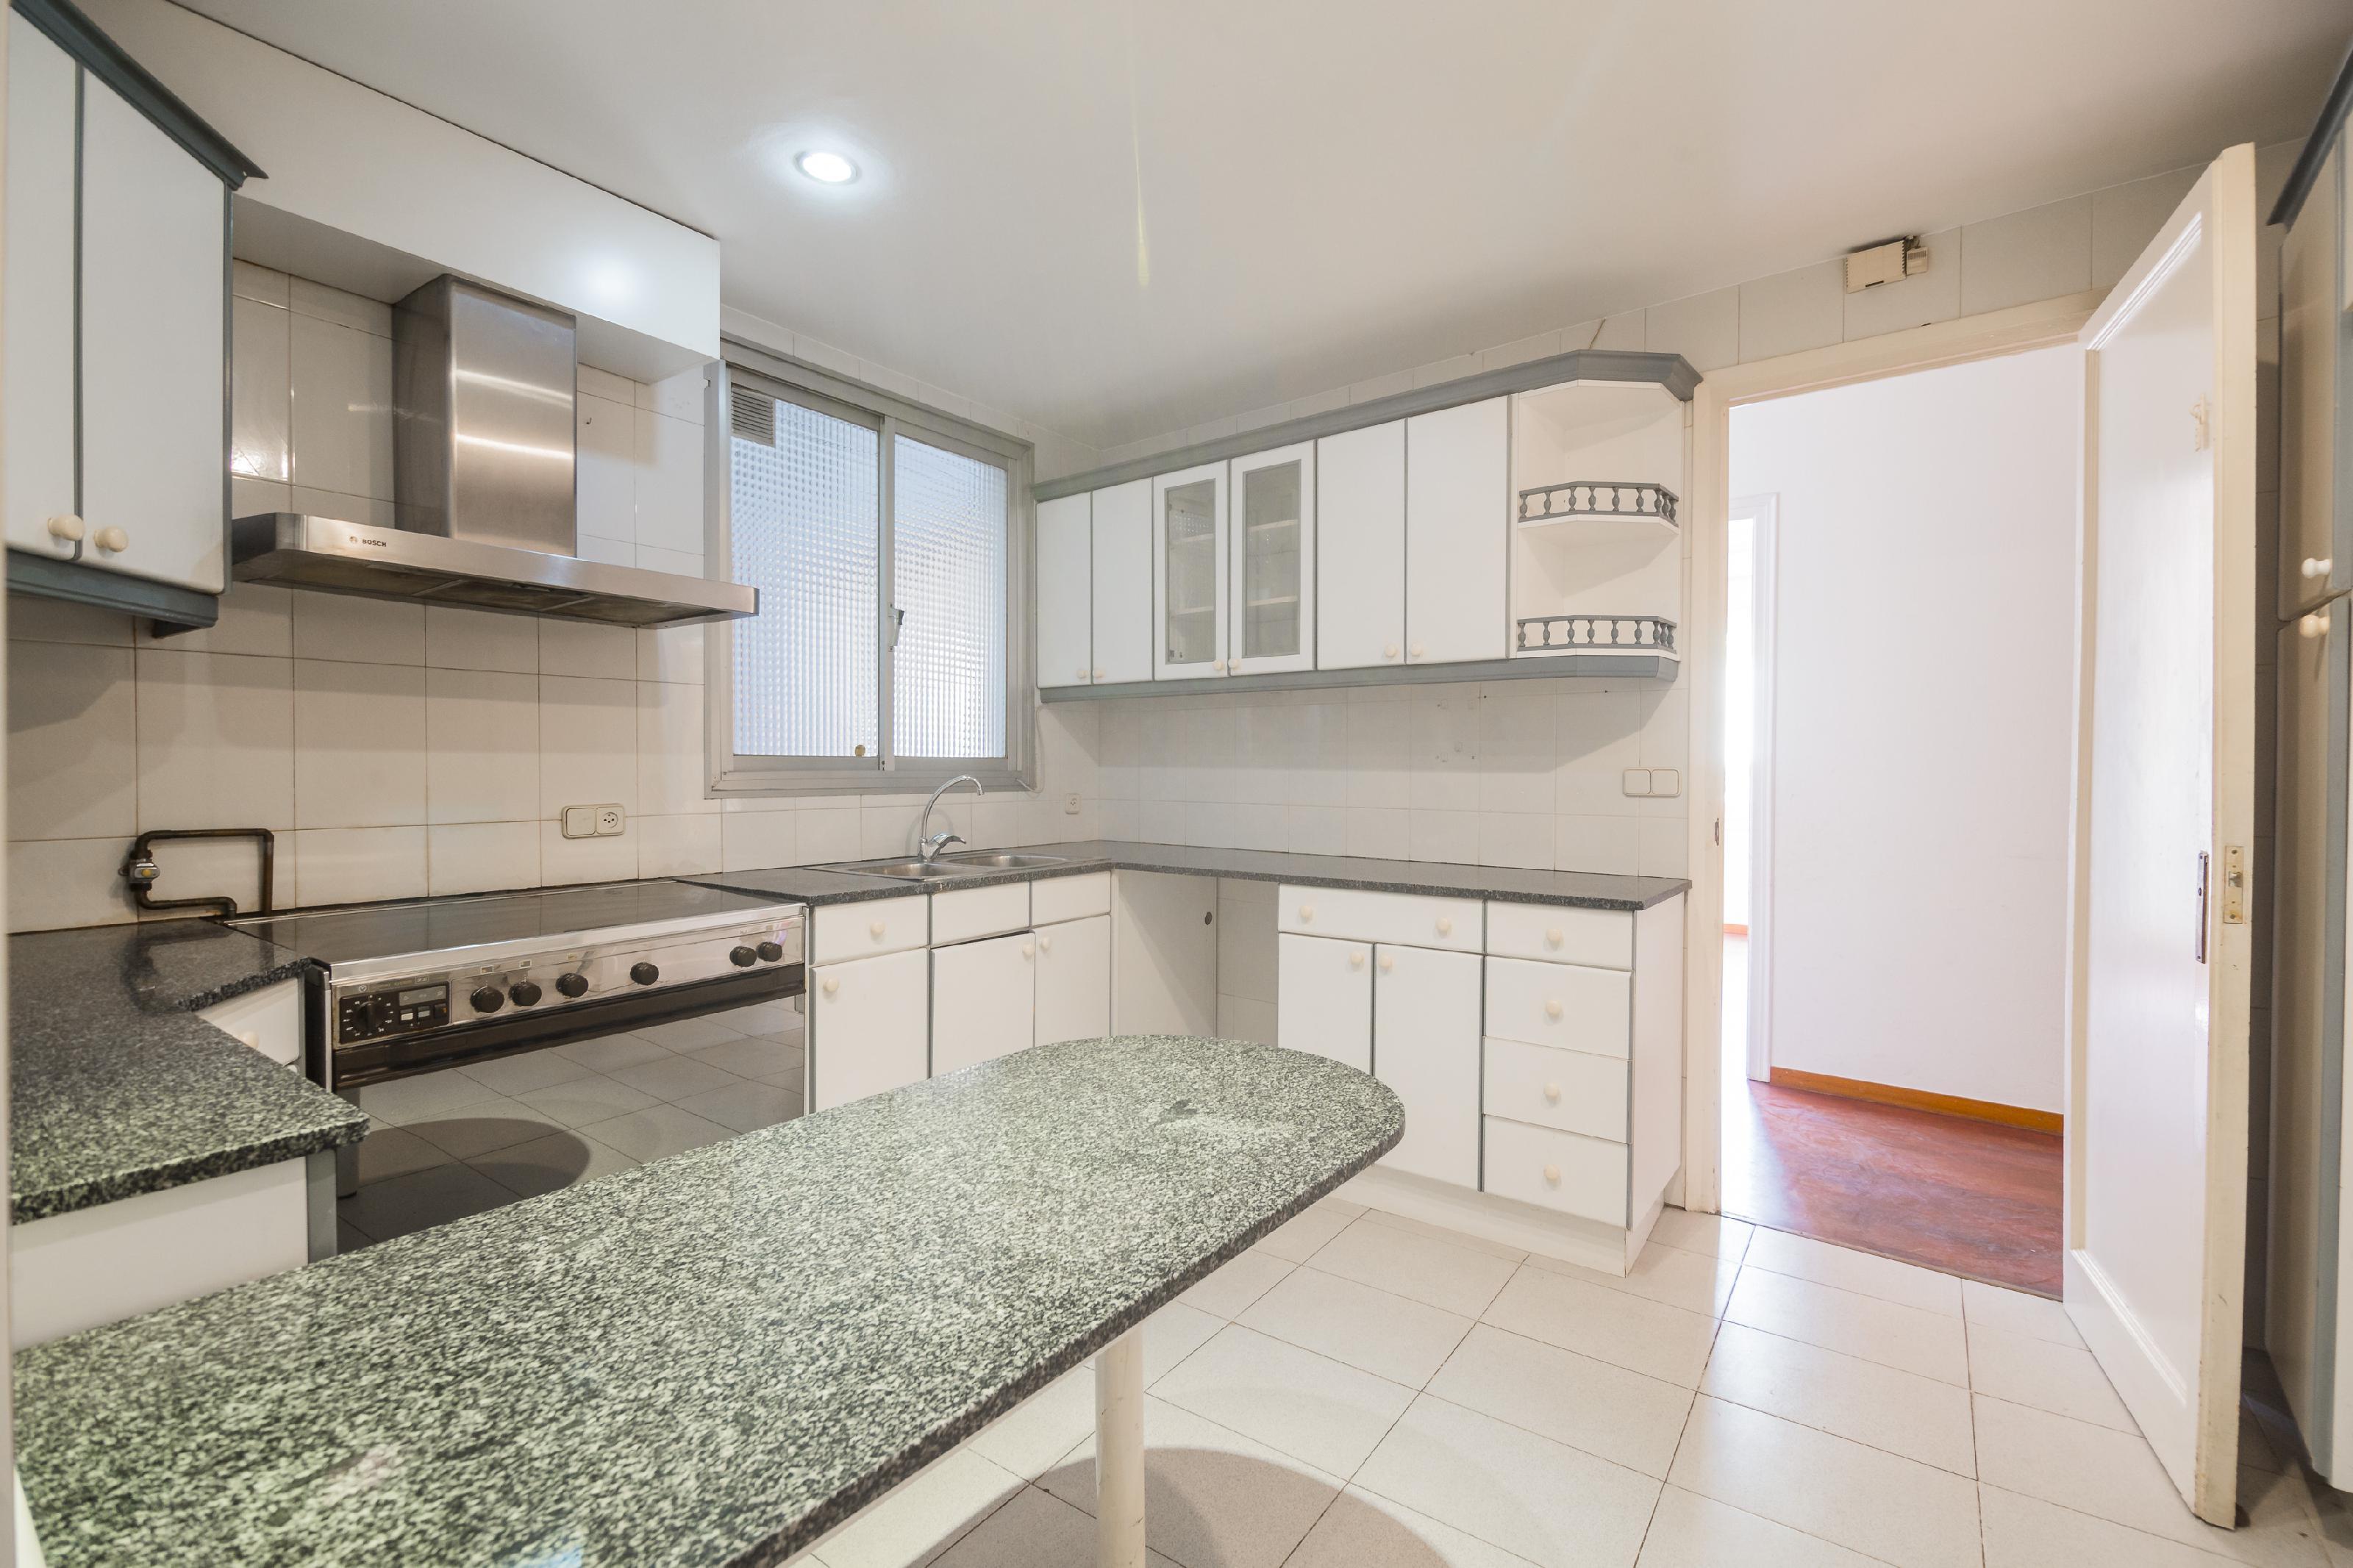 246347 Flat for sale in Sarrià-Sant Gervasi, St. Gervasi-Bonanova 13